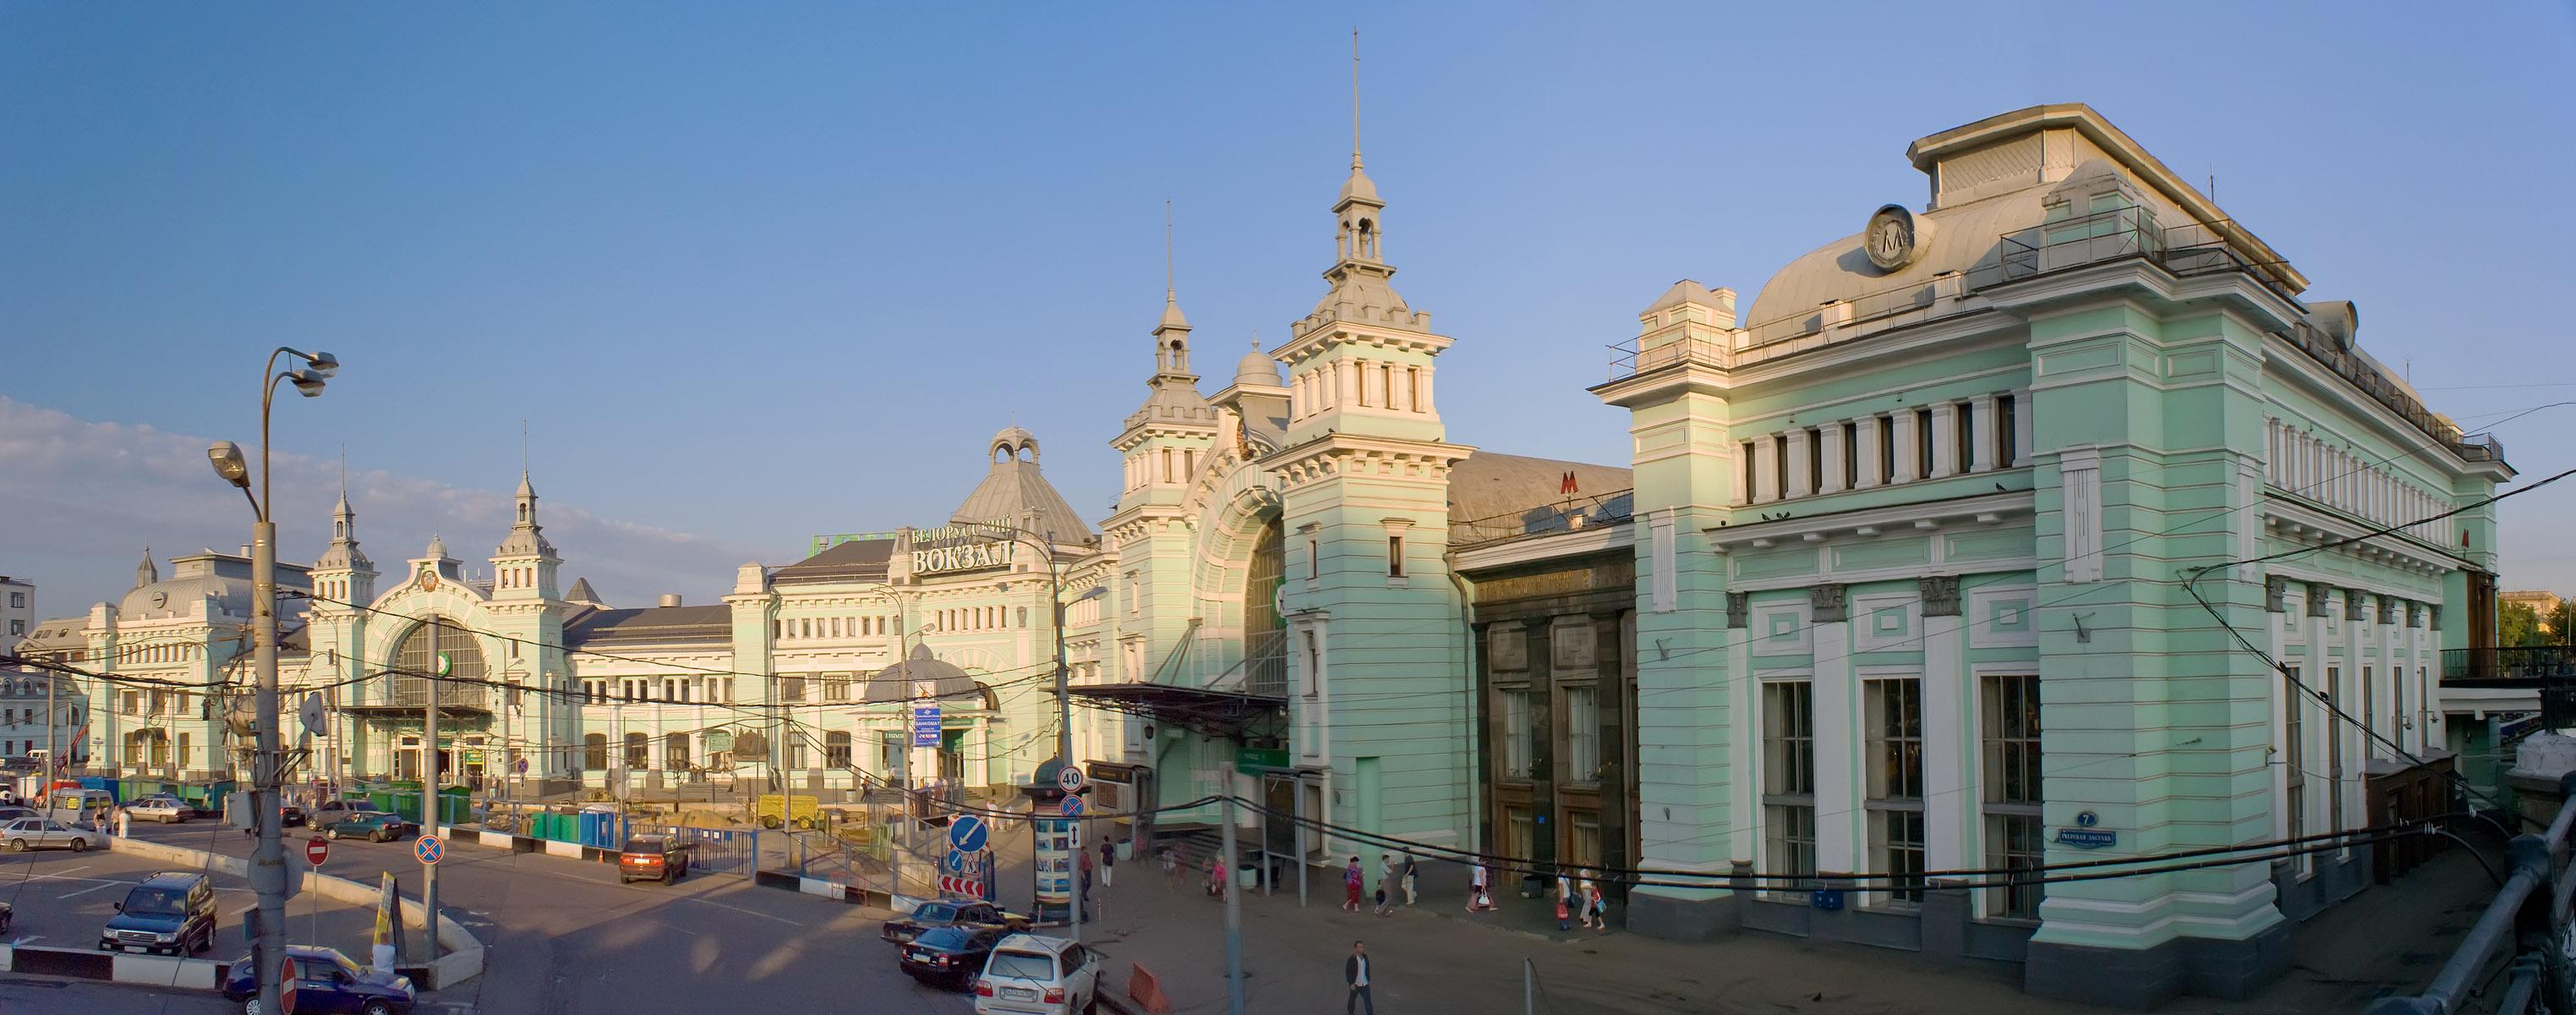 Картинки по запросу белорусский вокзал